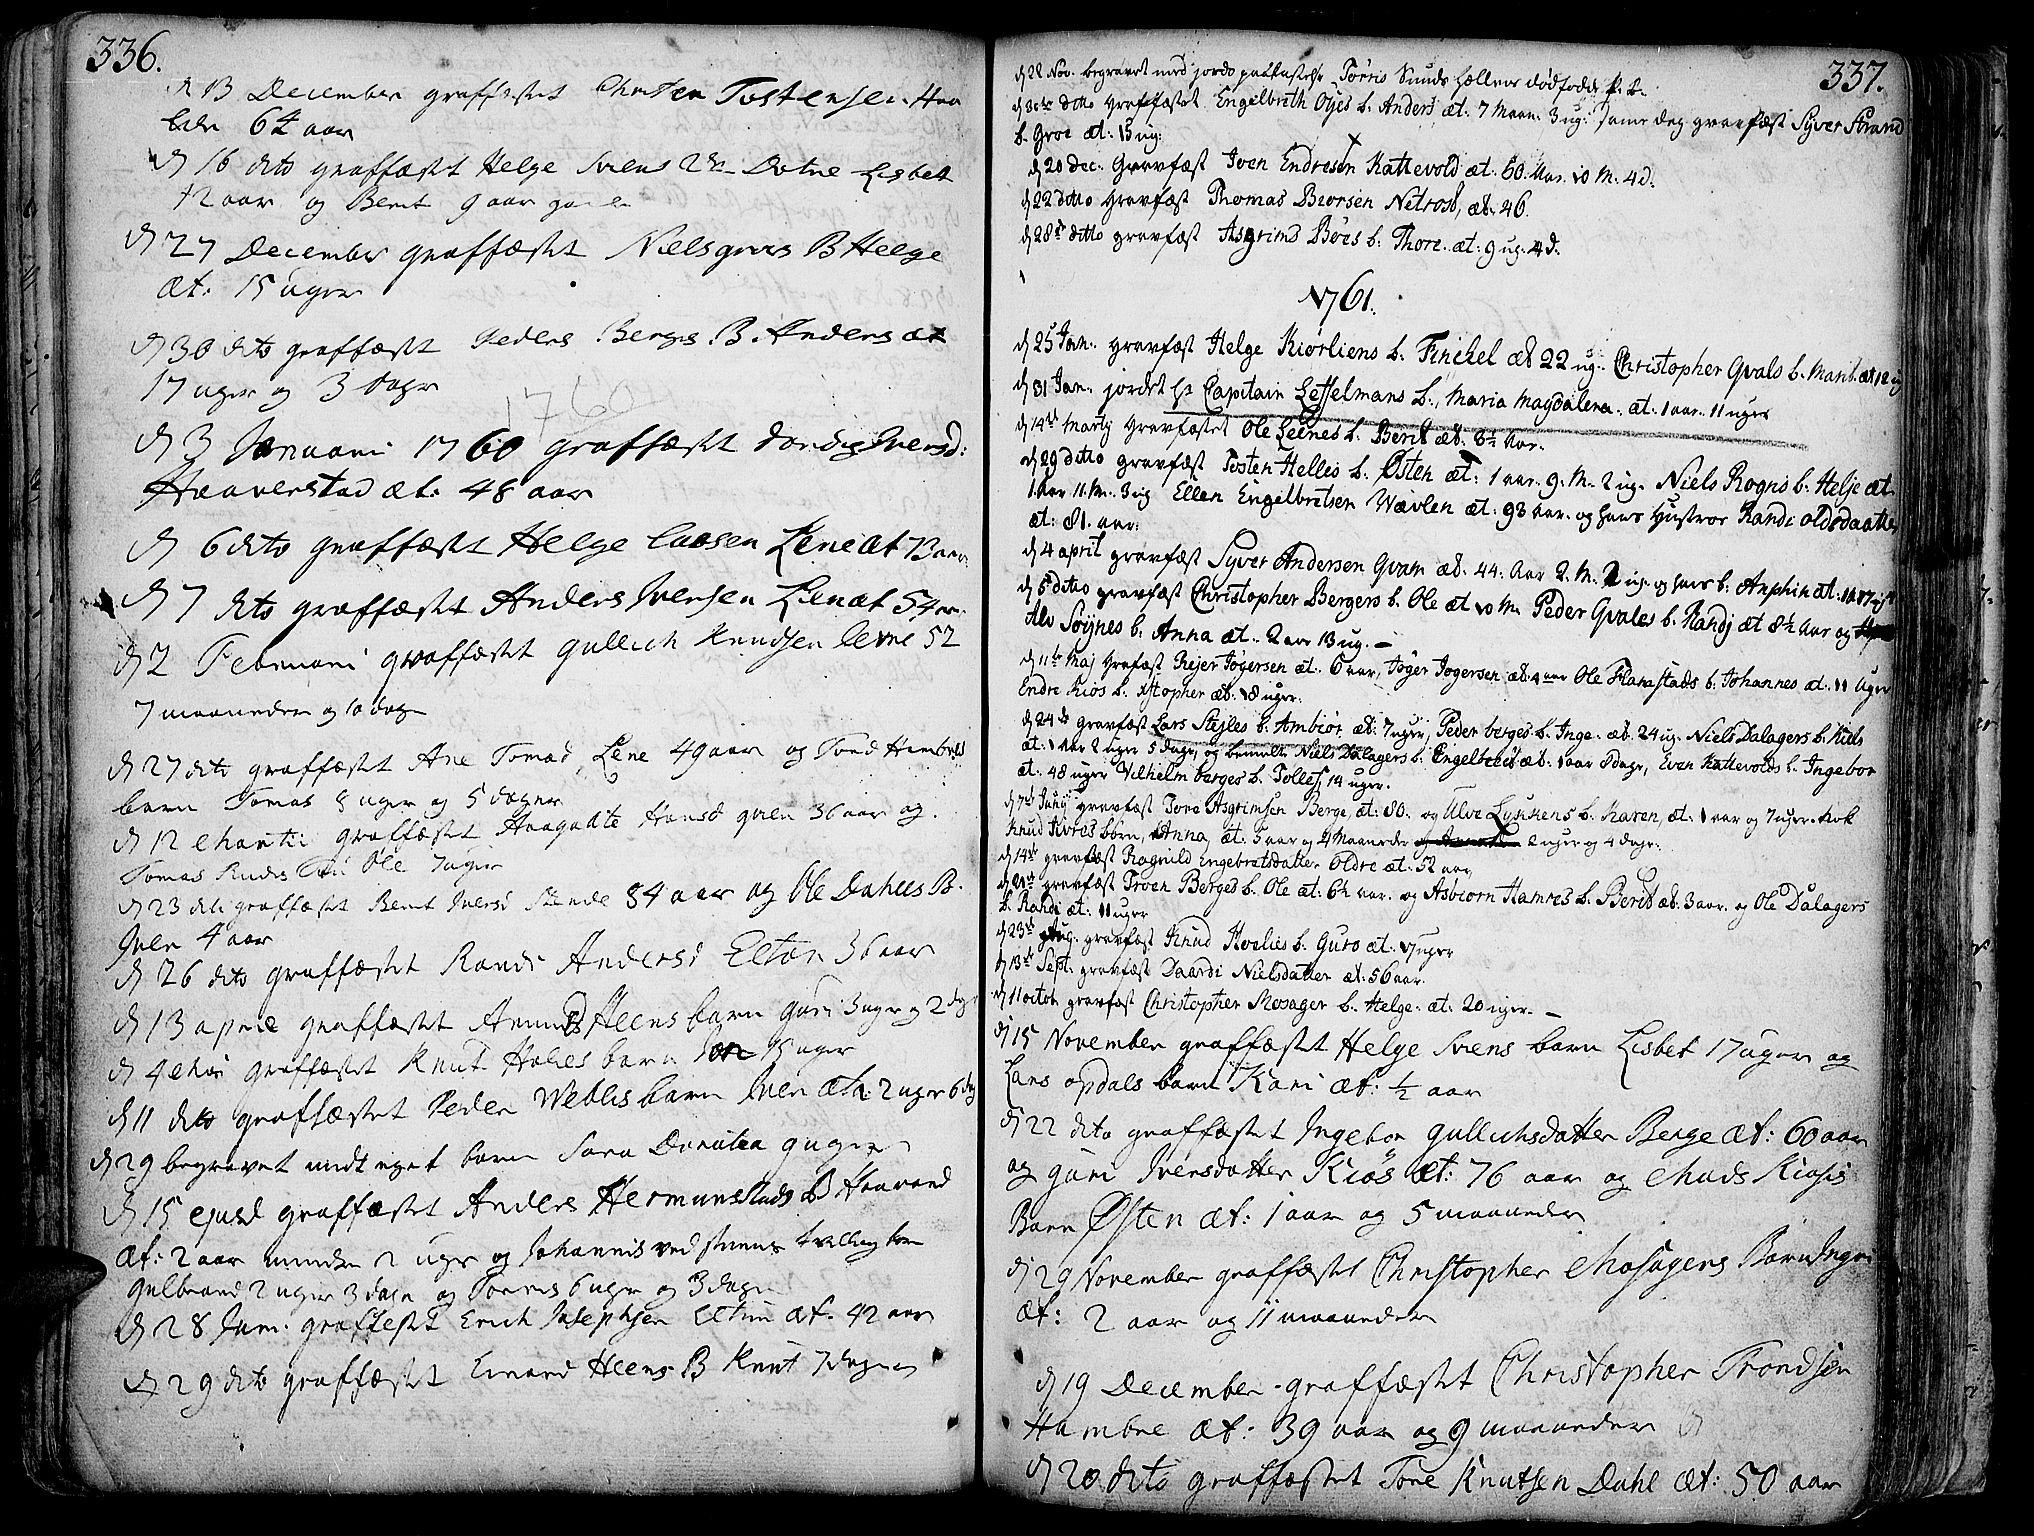 SAH, Vang prestekontor, Valdres, Ministerialbok nr. 1, 1730-1796, s. 336-337